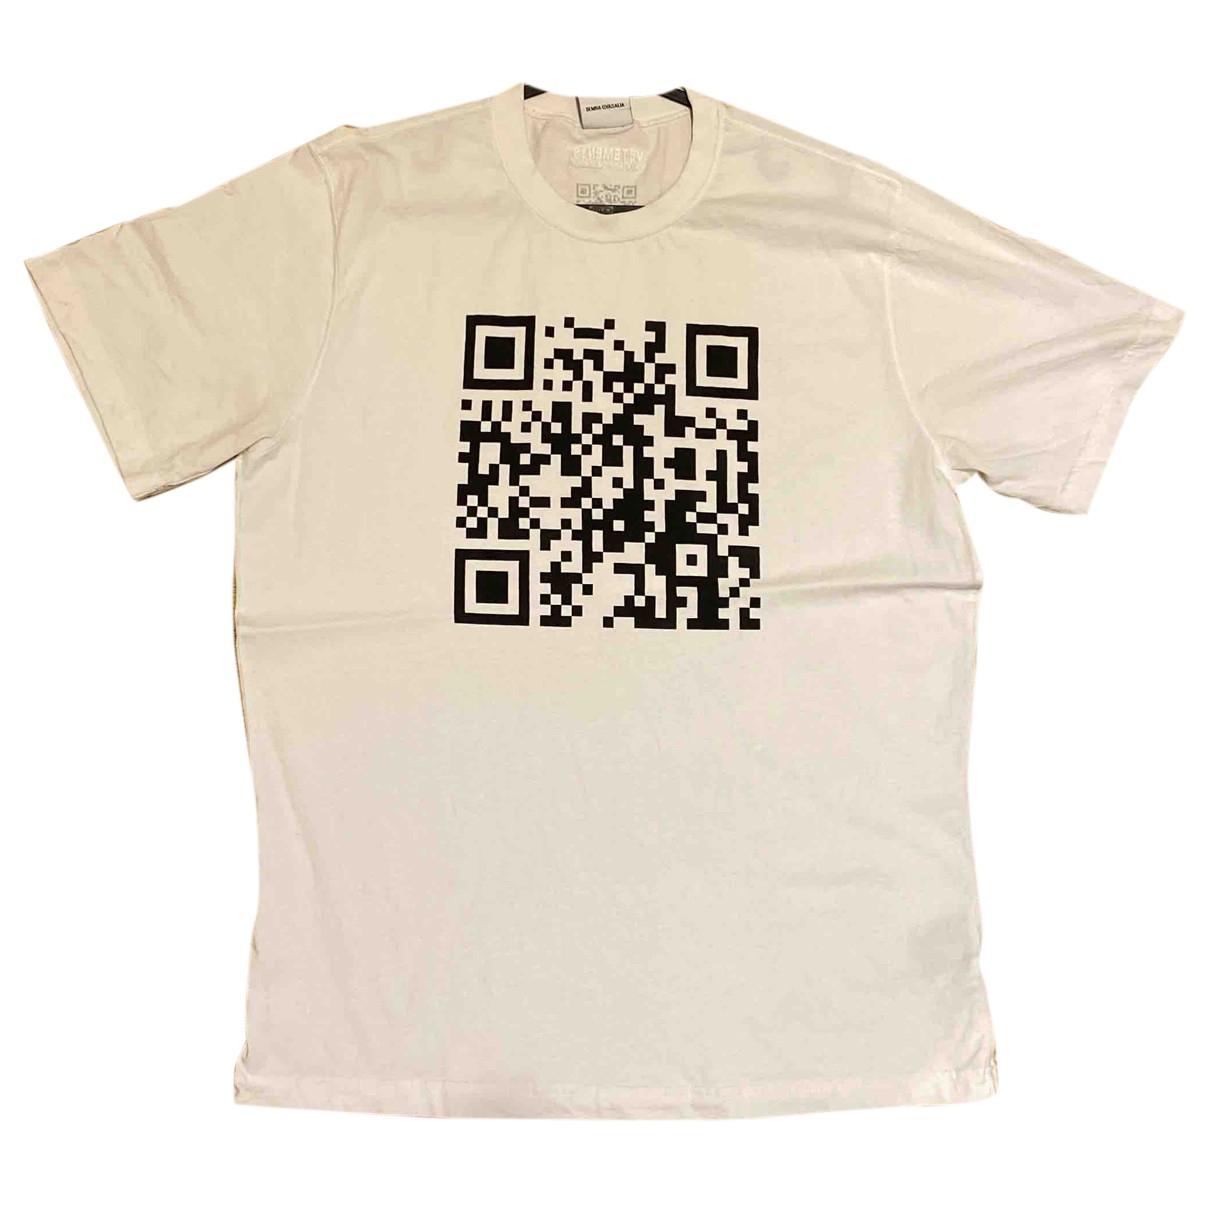 Vetements - Tee shirts   pour homme en coton - blanc